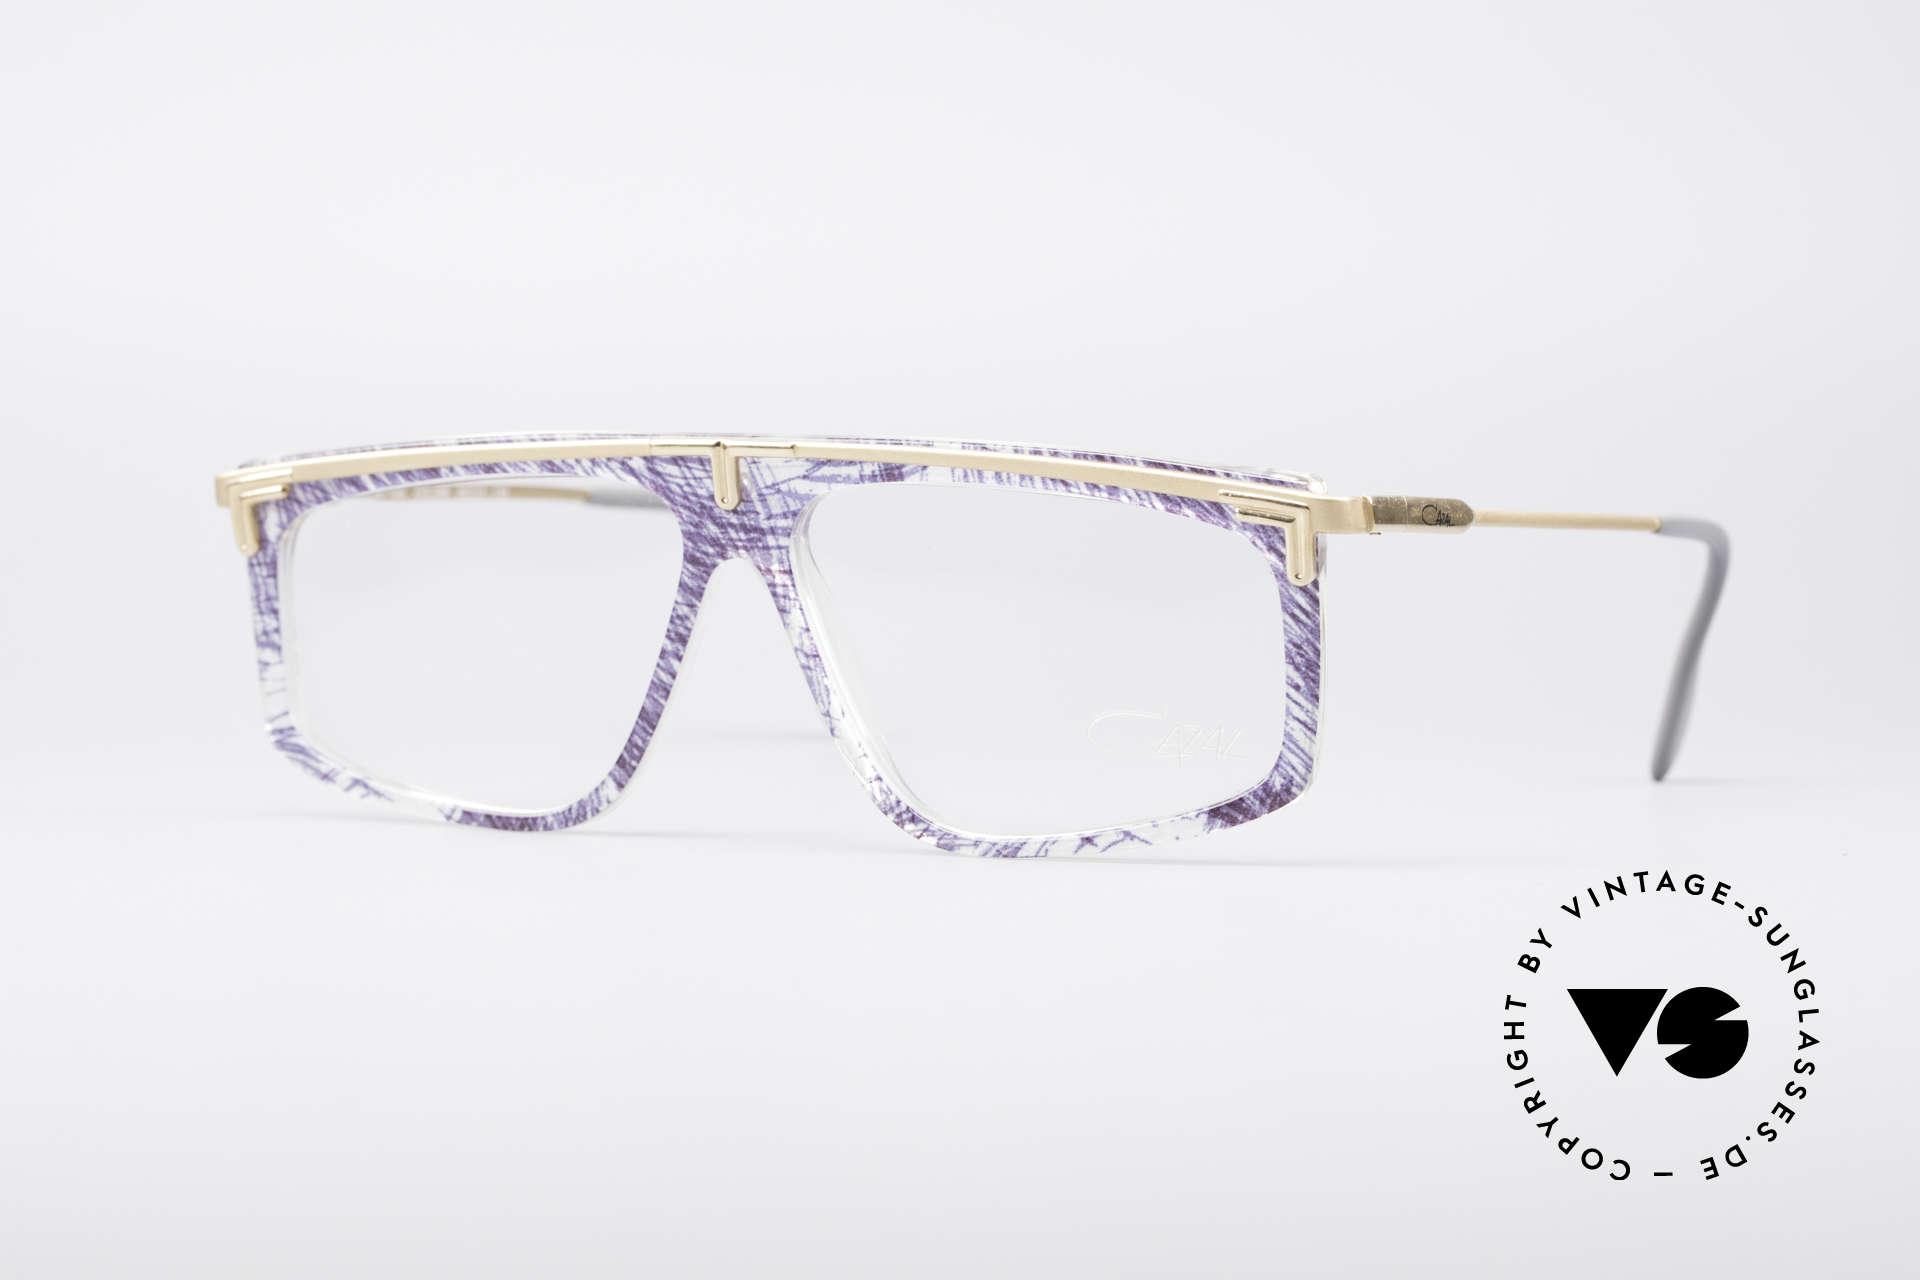 Cazal 190 Old School Hip Hop Brille, legendäre Cazal vintage Brille aus den späten 80ern, Passend für Herren